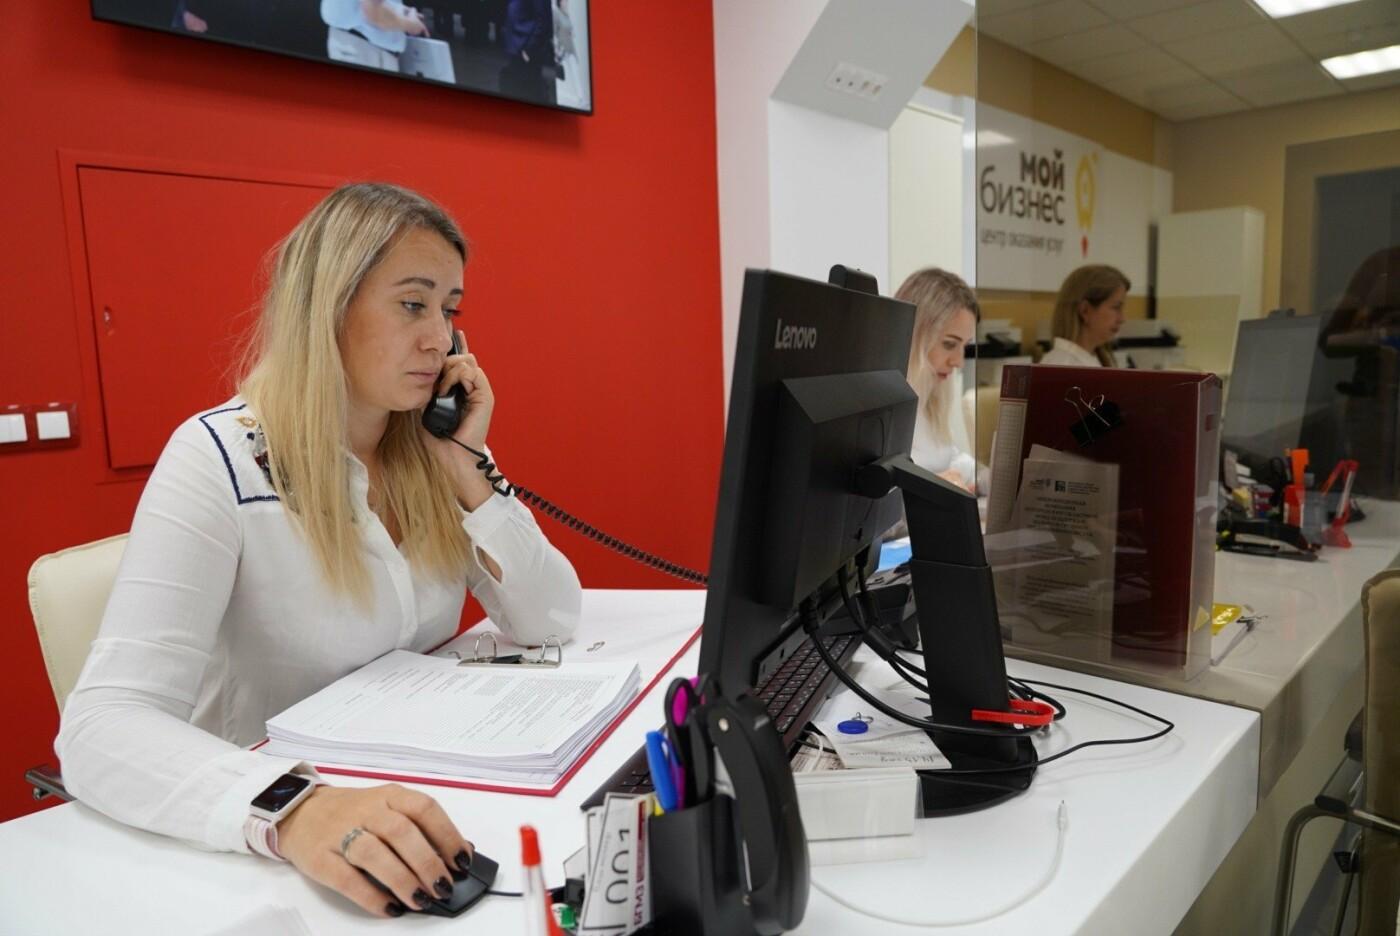 Услуги центра «Мой бизнес» полезны для старта и дальнейшего развития бизнеса, фото-1